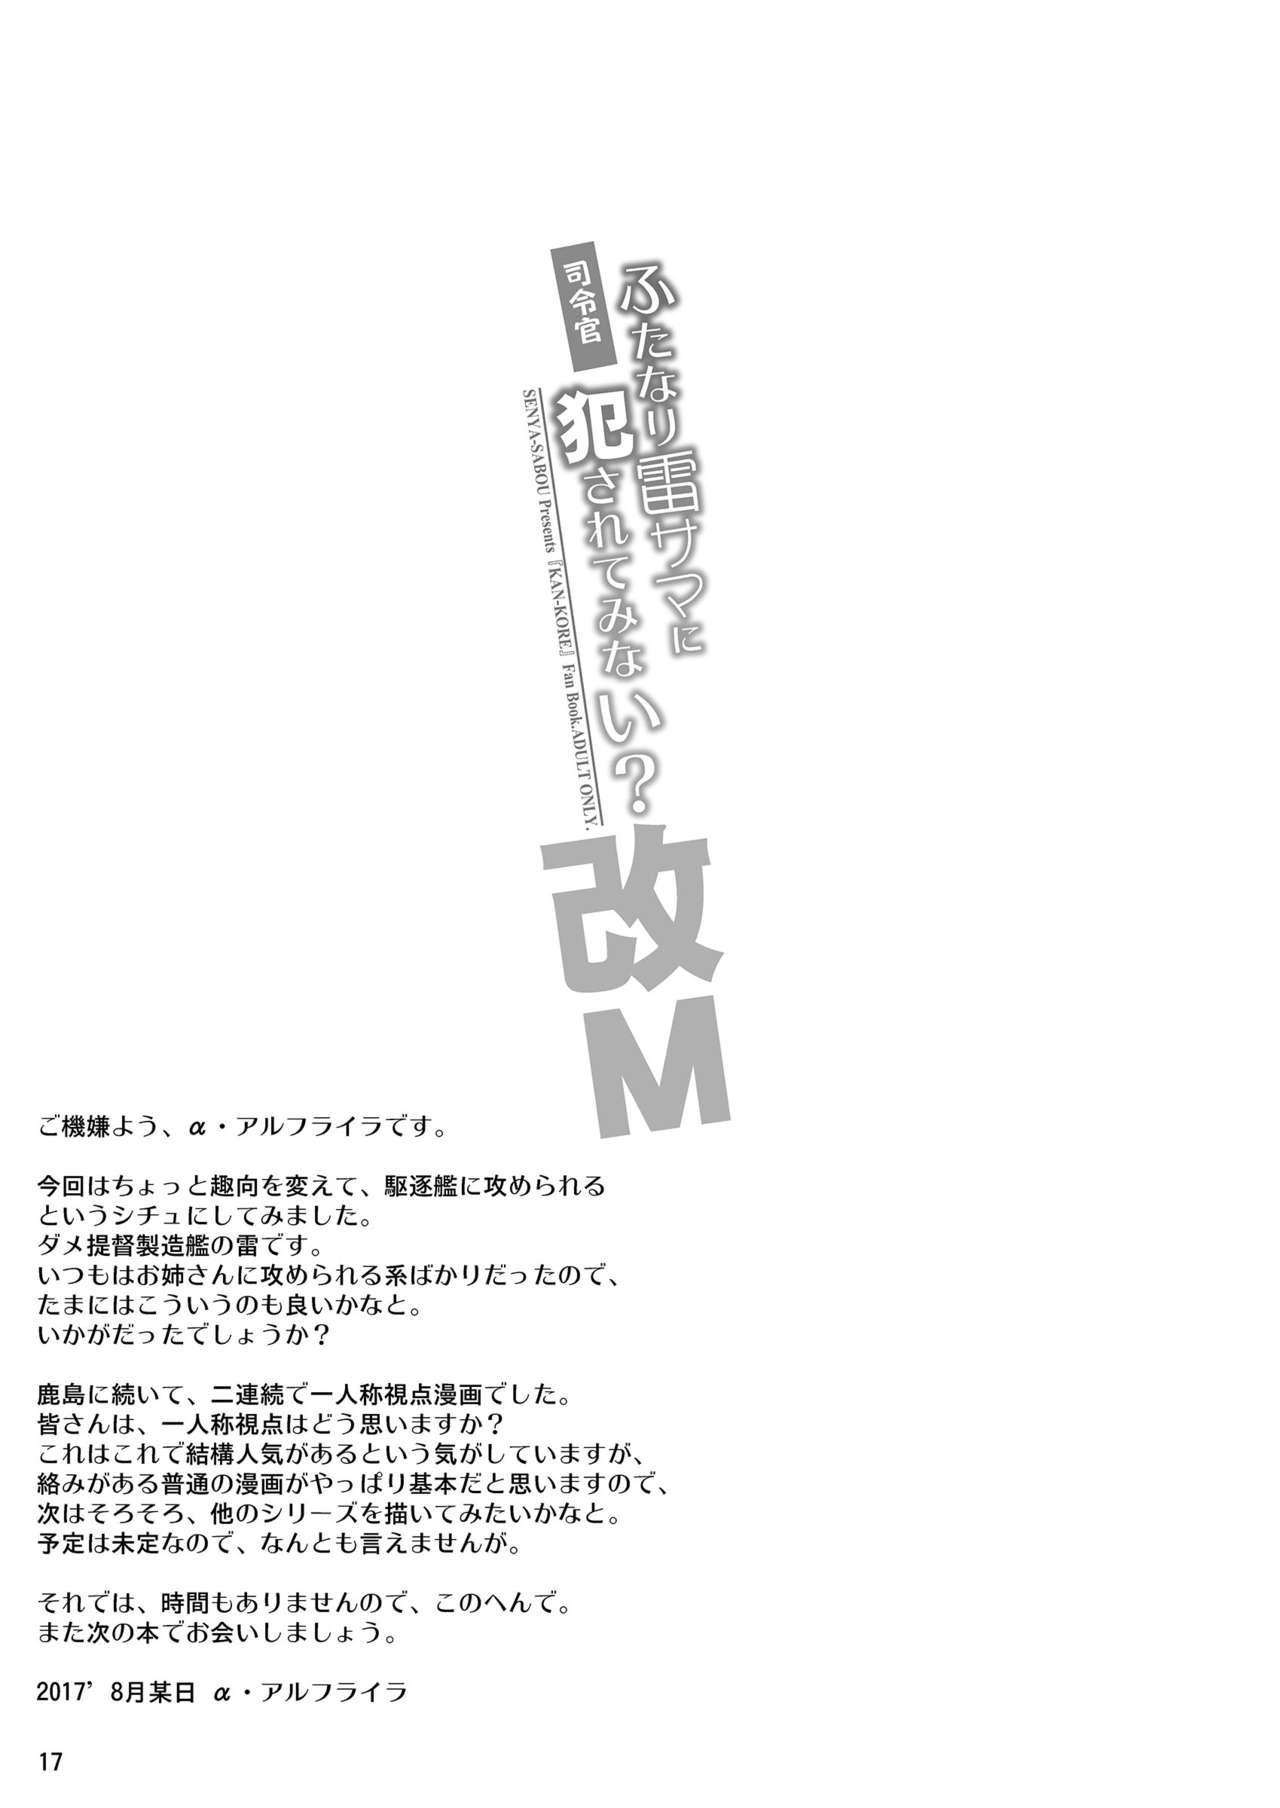 Shireikan Futanari Ikazuchi-sama ni Okasareteminai? 16